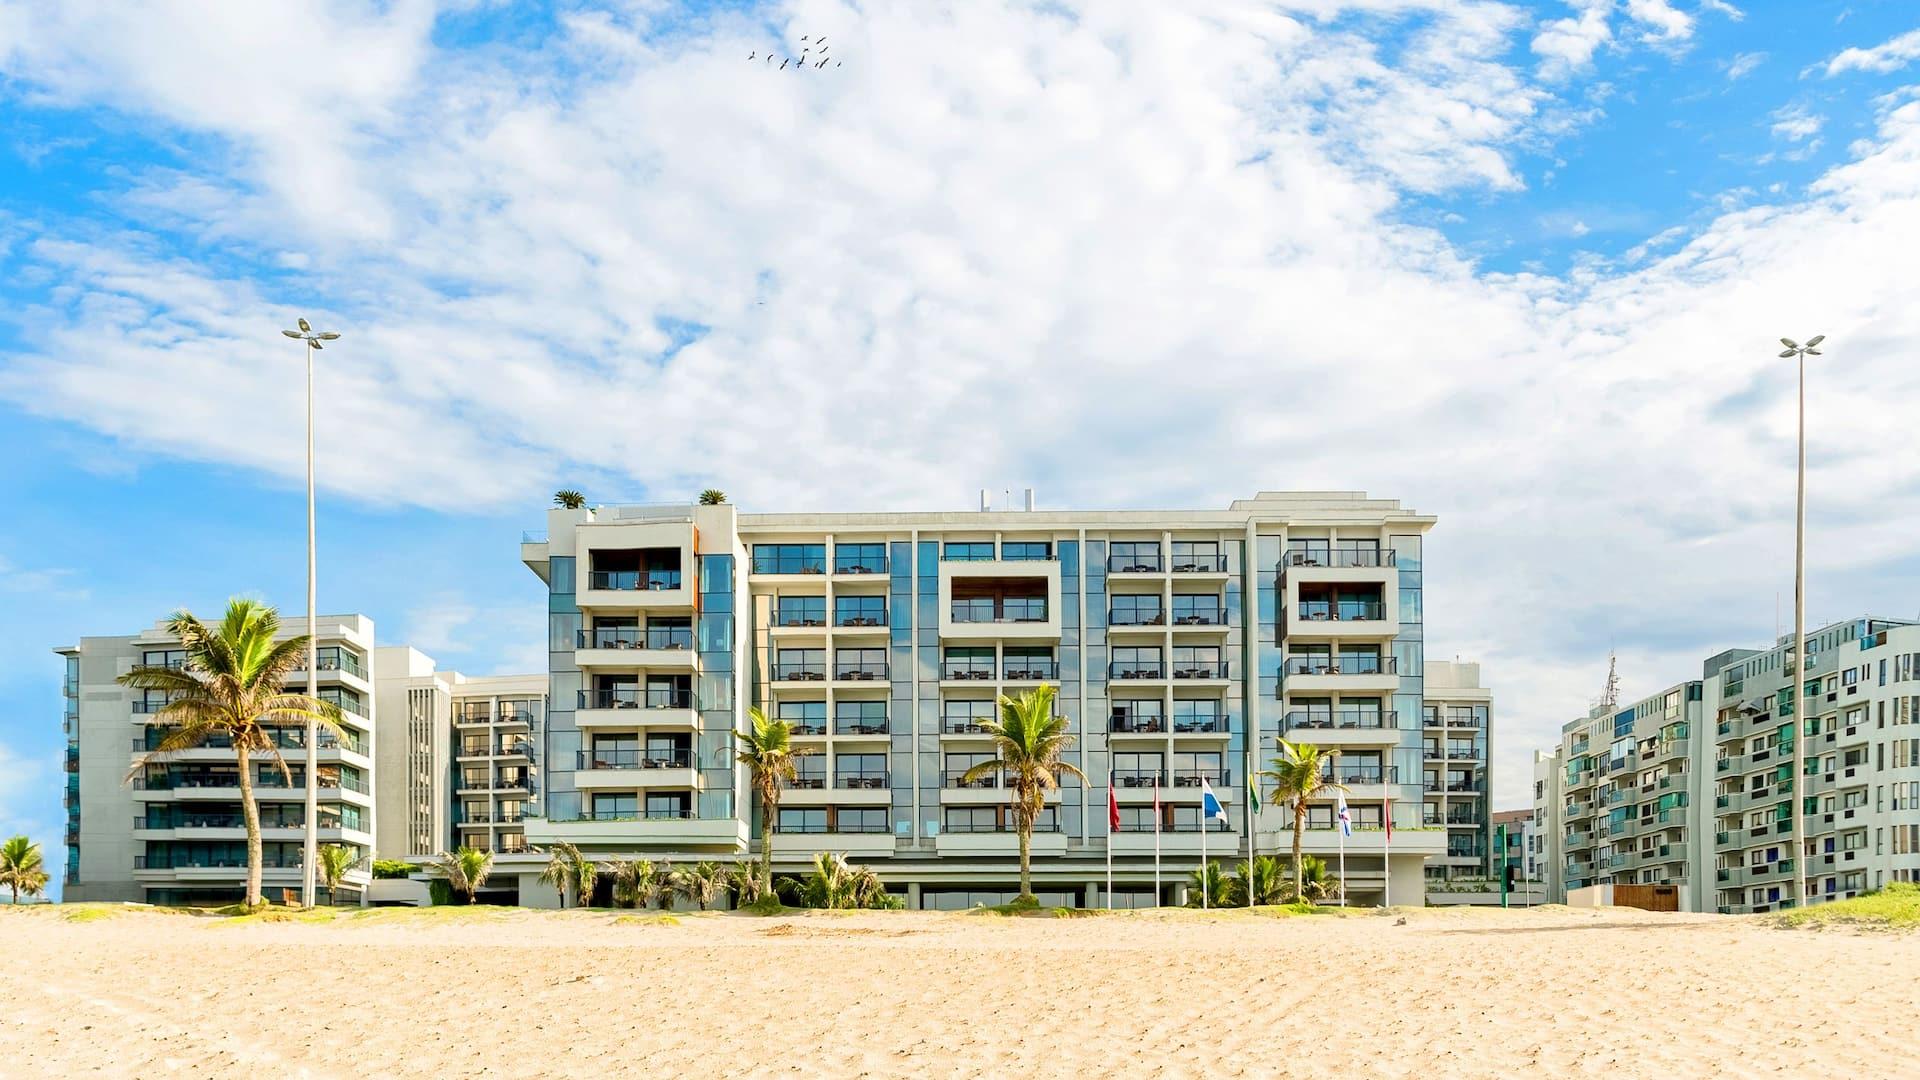 Fachada do hotel de frente para a Praia da Barra da Tijuca